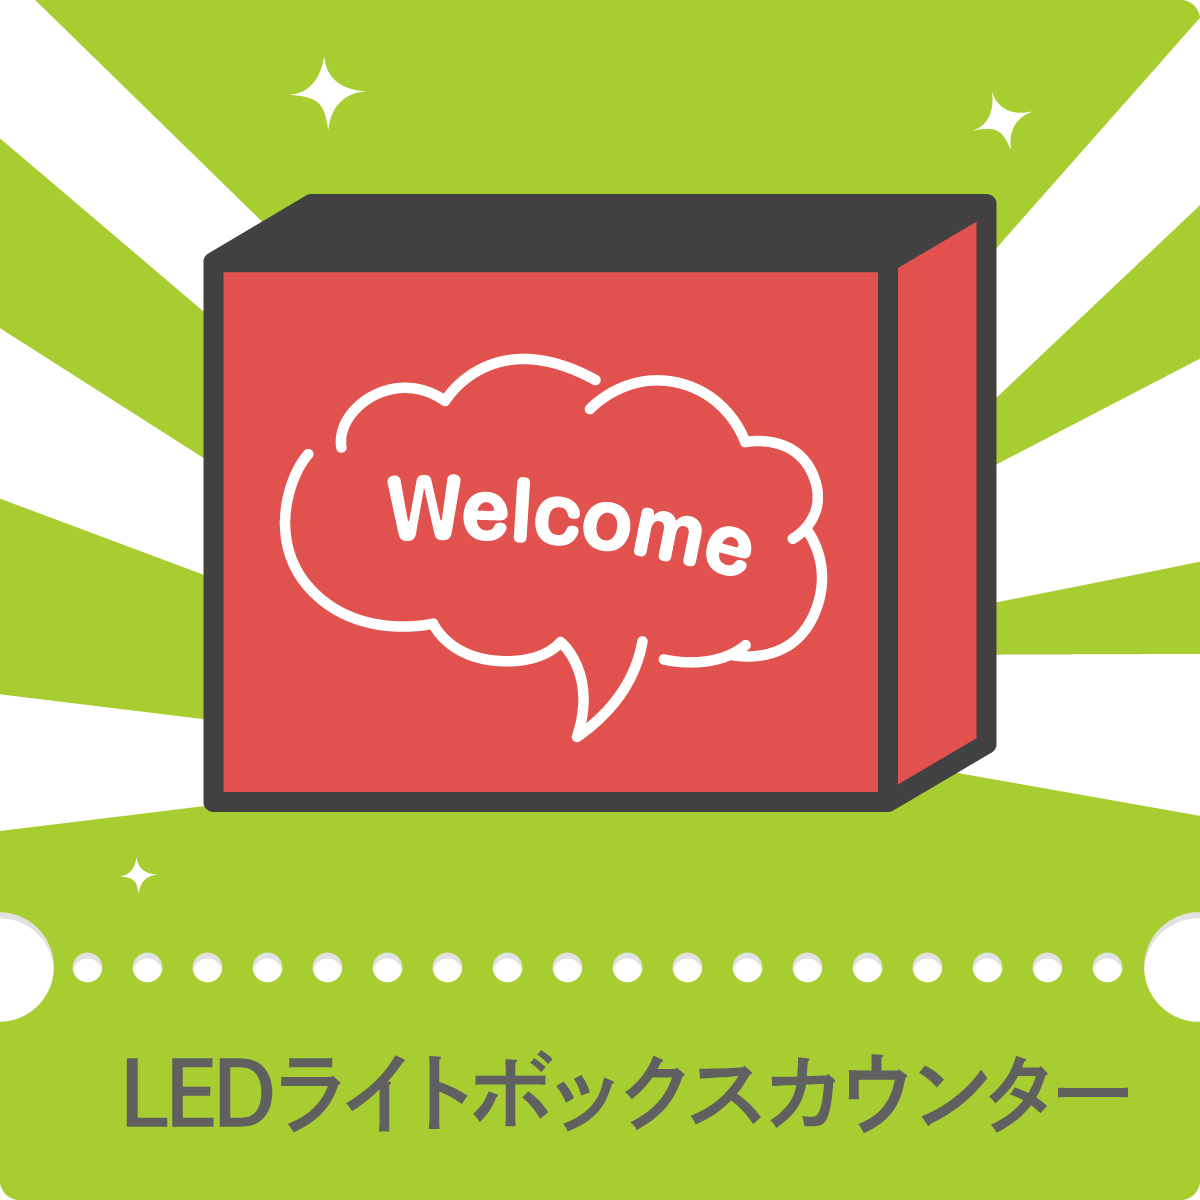 ledライトボックスカウンター専用メディア